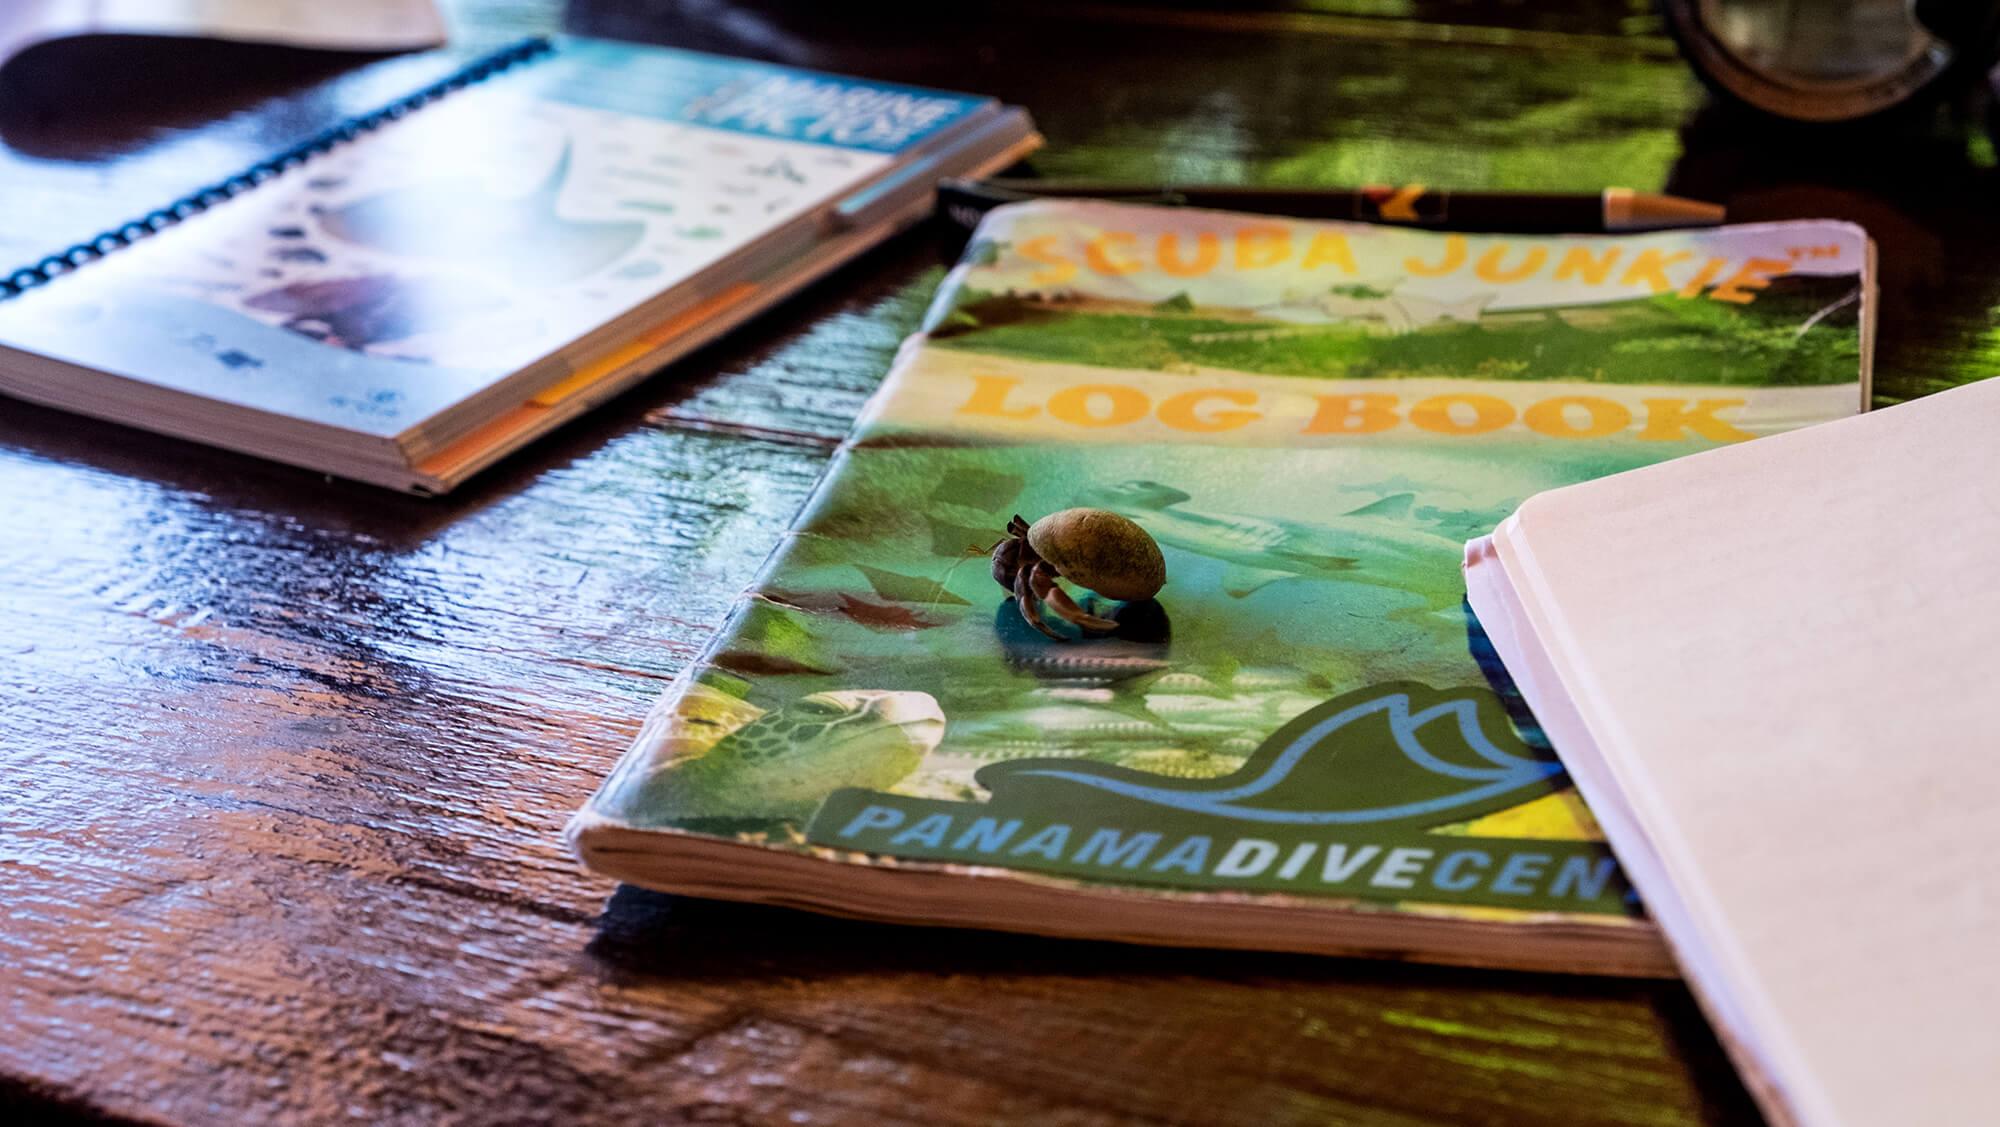 Ermitaño paseando por el diveLog o libro de buceo en la isla de Malenge